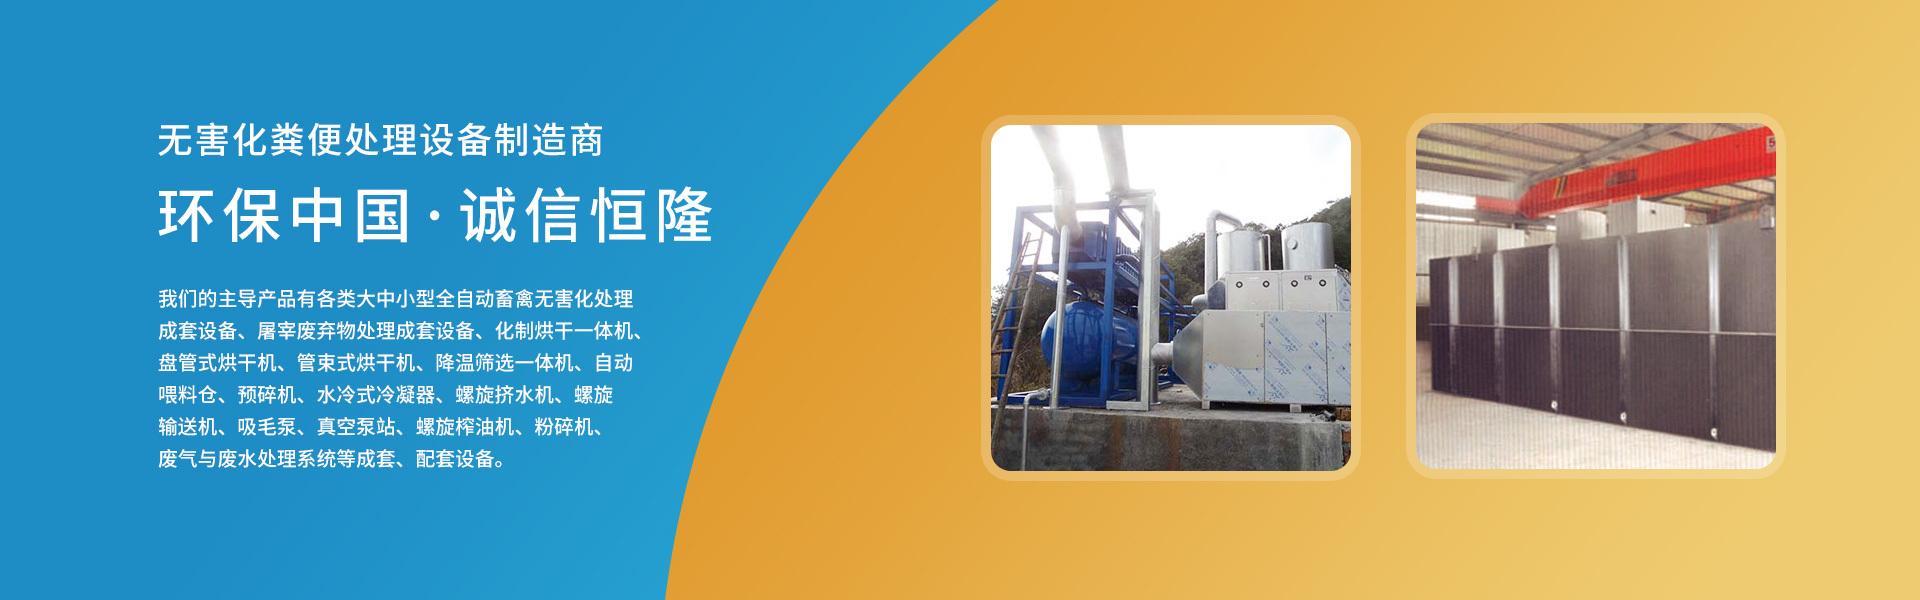 糞便處理設備,養殖場糞便處理設備,無害化處理設備,有機肥處理設備